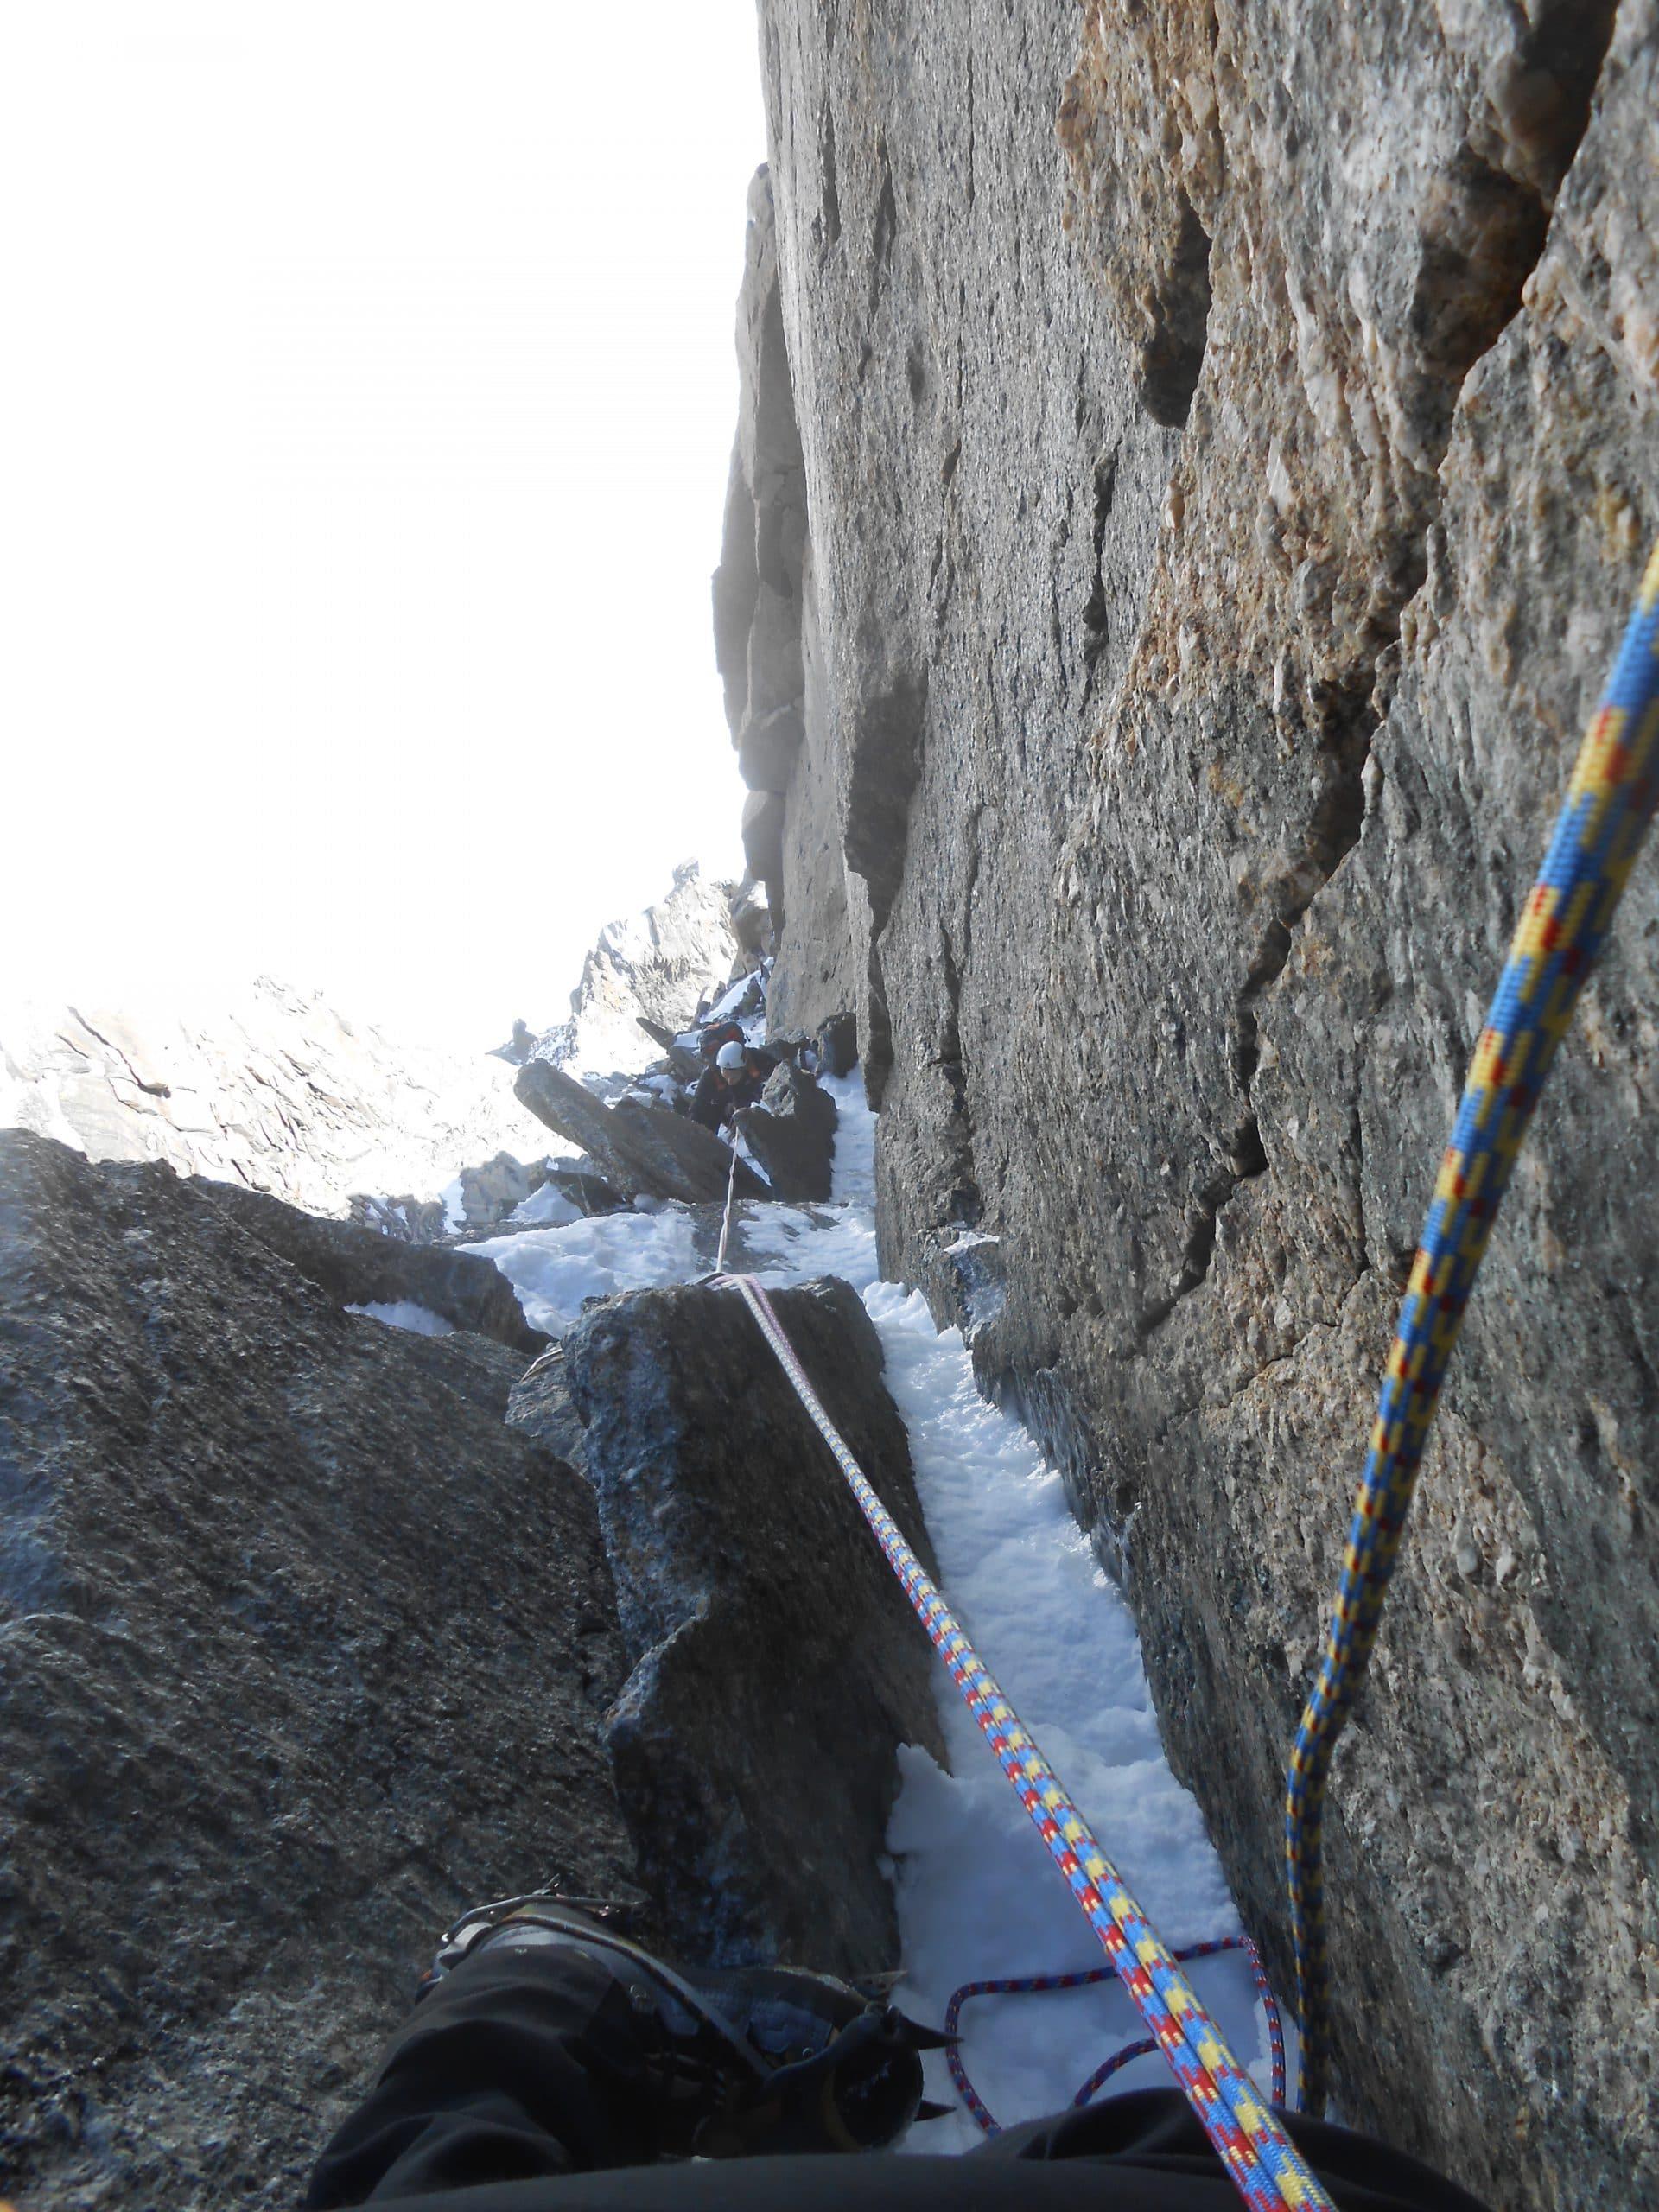 Helyum_Xavier-Carrard_guide-de-montagne_Pilier-Gervasutti_Mont-Blanc_du_tacul_France.3